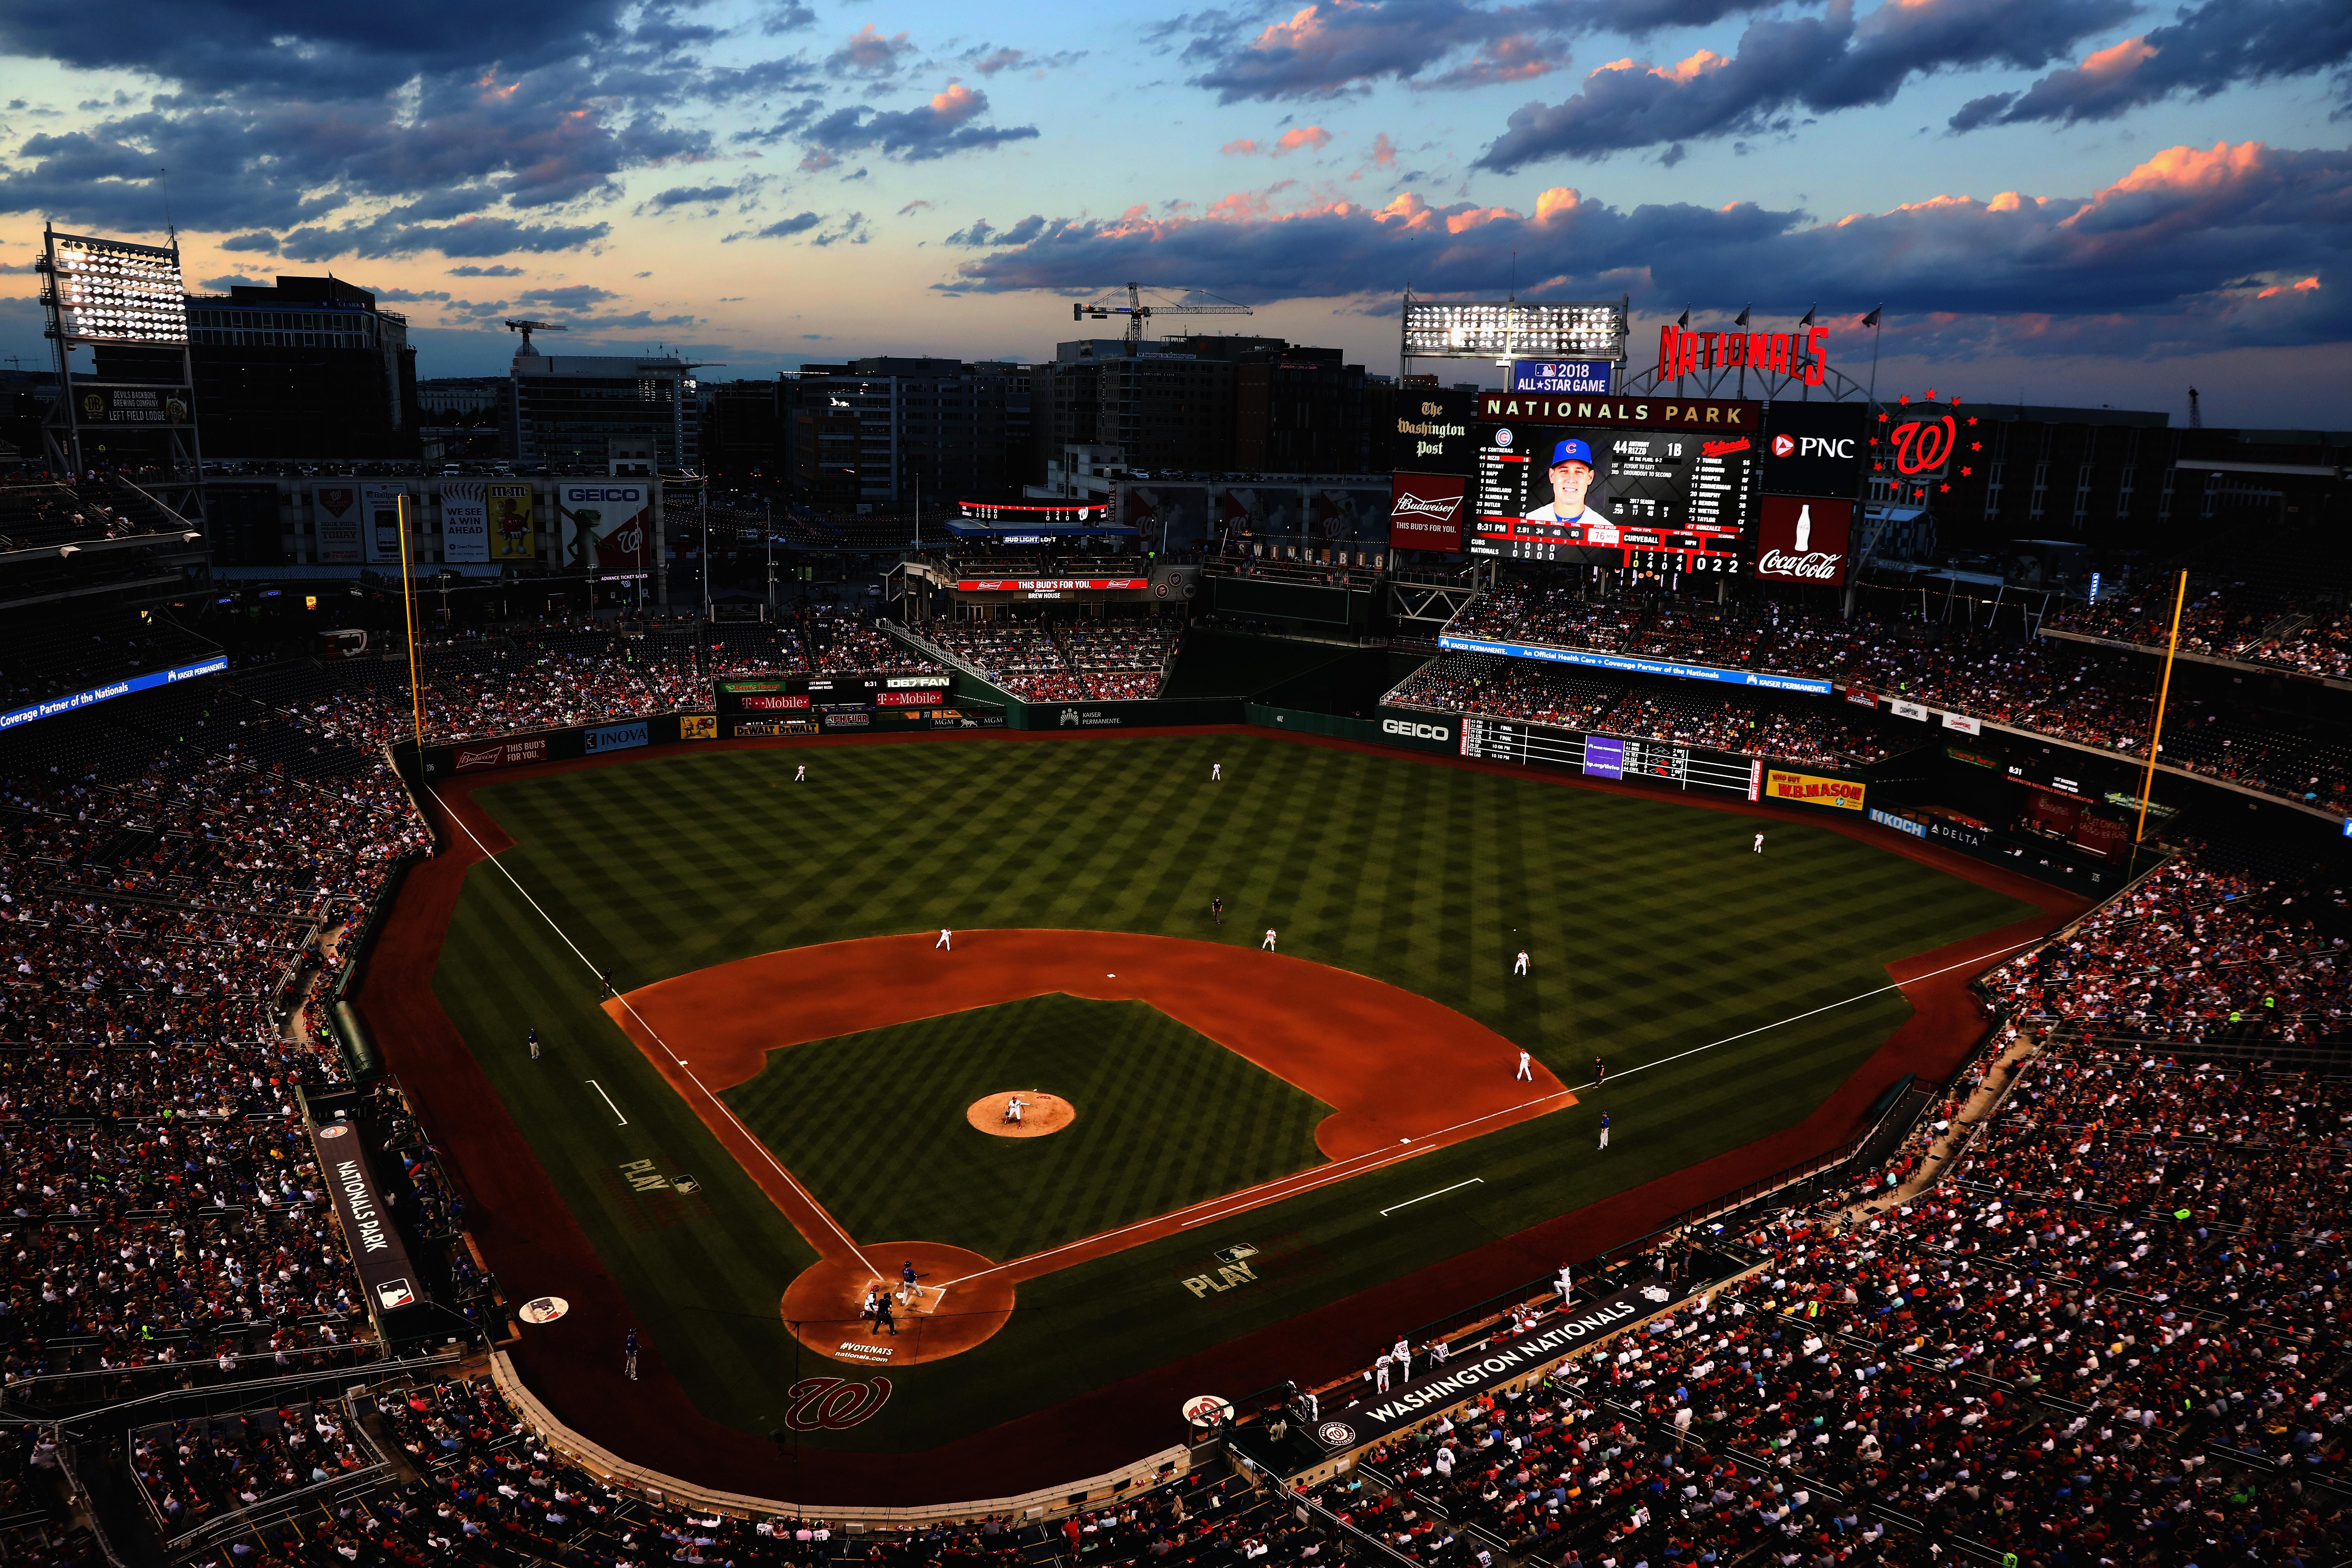 Chicago Cubs v Washington Nationals